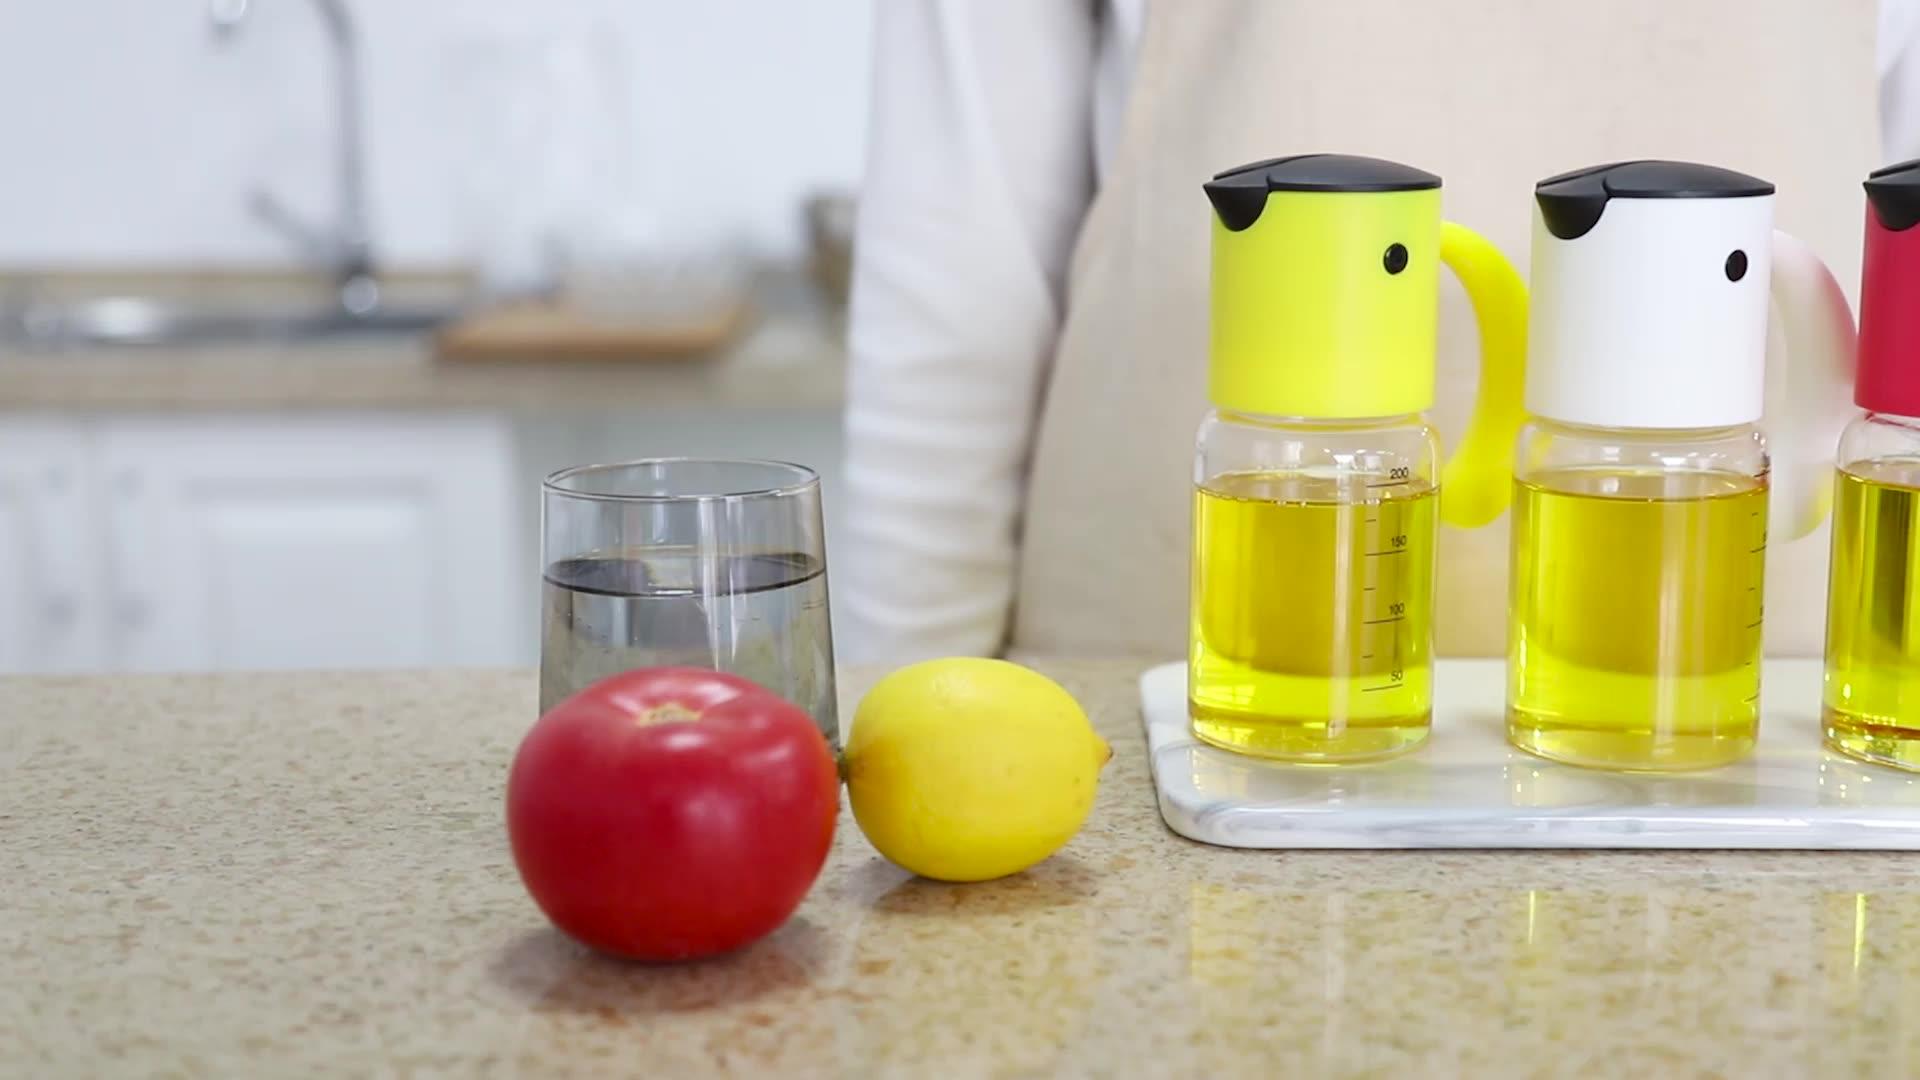 Chinarama PP Nhựa Cơ Thể Tự Động Trọng Lực Dầu Ô Liu Và Giấm Dispenser Với 220Ml Borosilicate Glass Jar